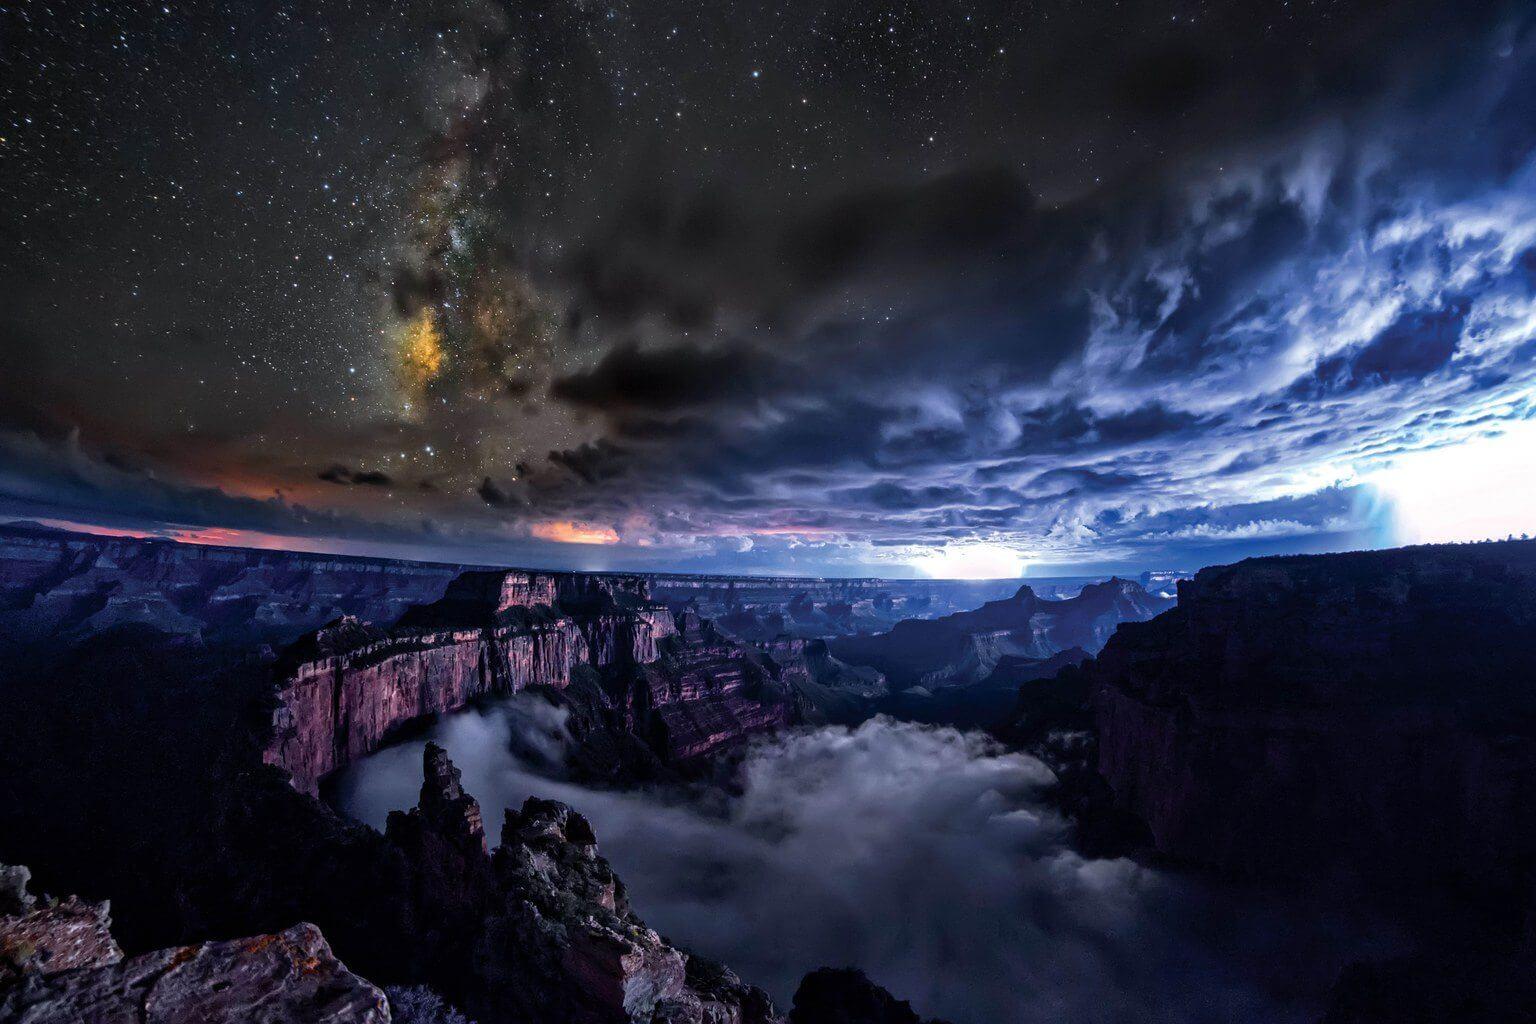 fotos ceu estrelas  1 - O céu fora da cidade tem muito mais estrelas do que você imagina